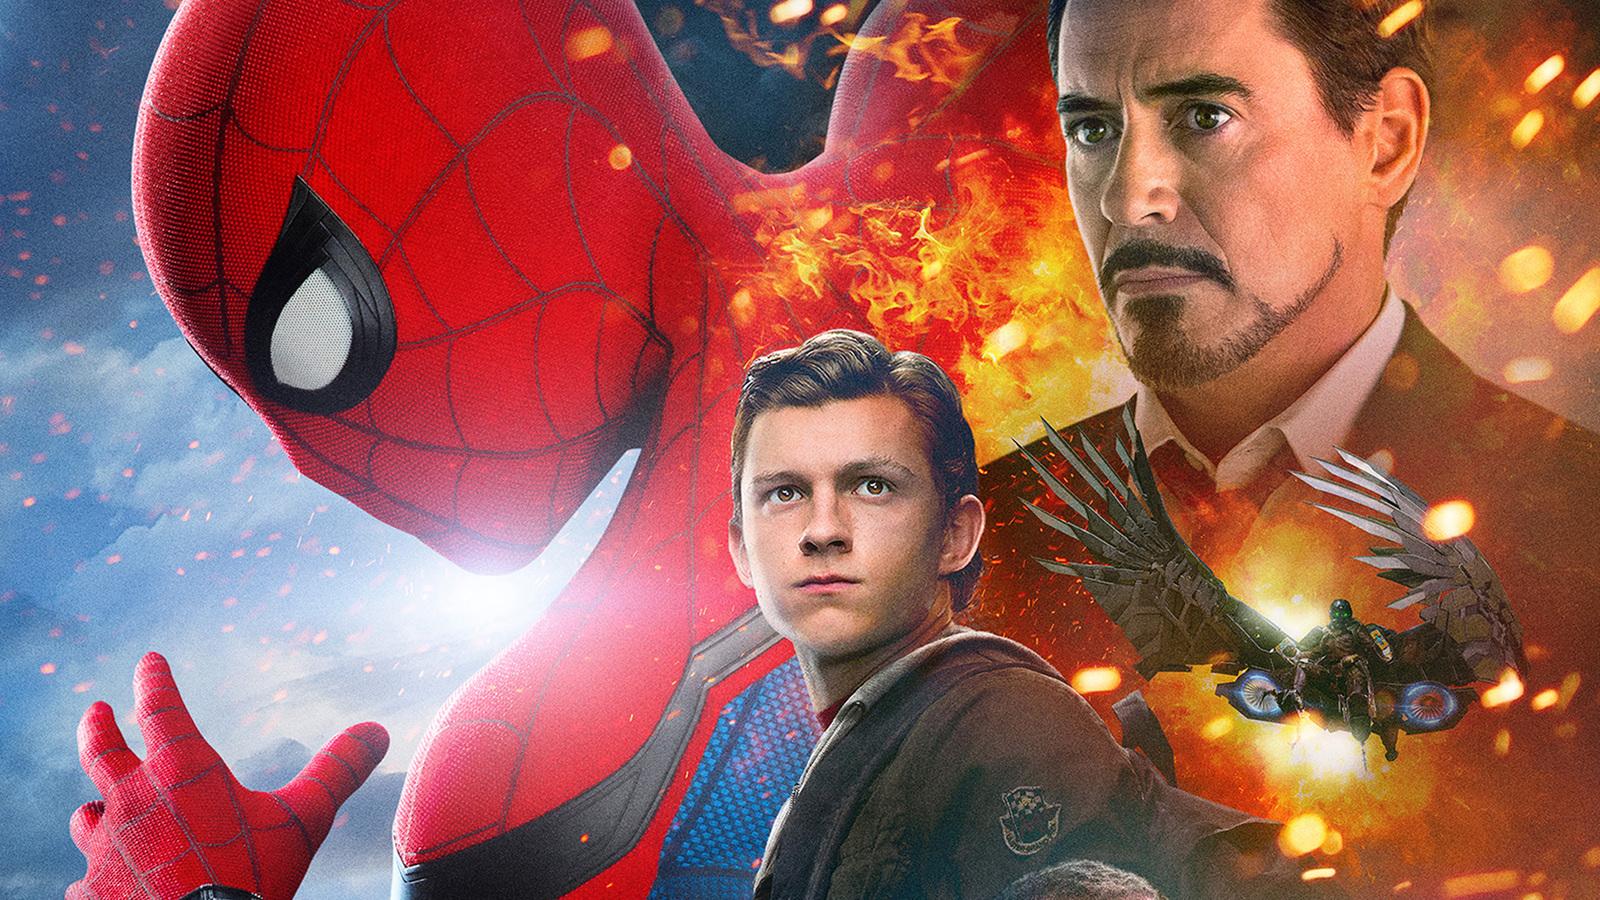 4k Resolution Spider Man Homecoming Wallpaper